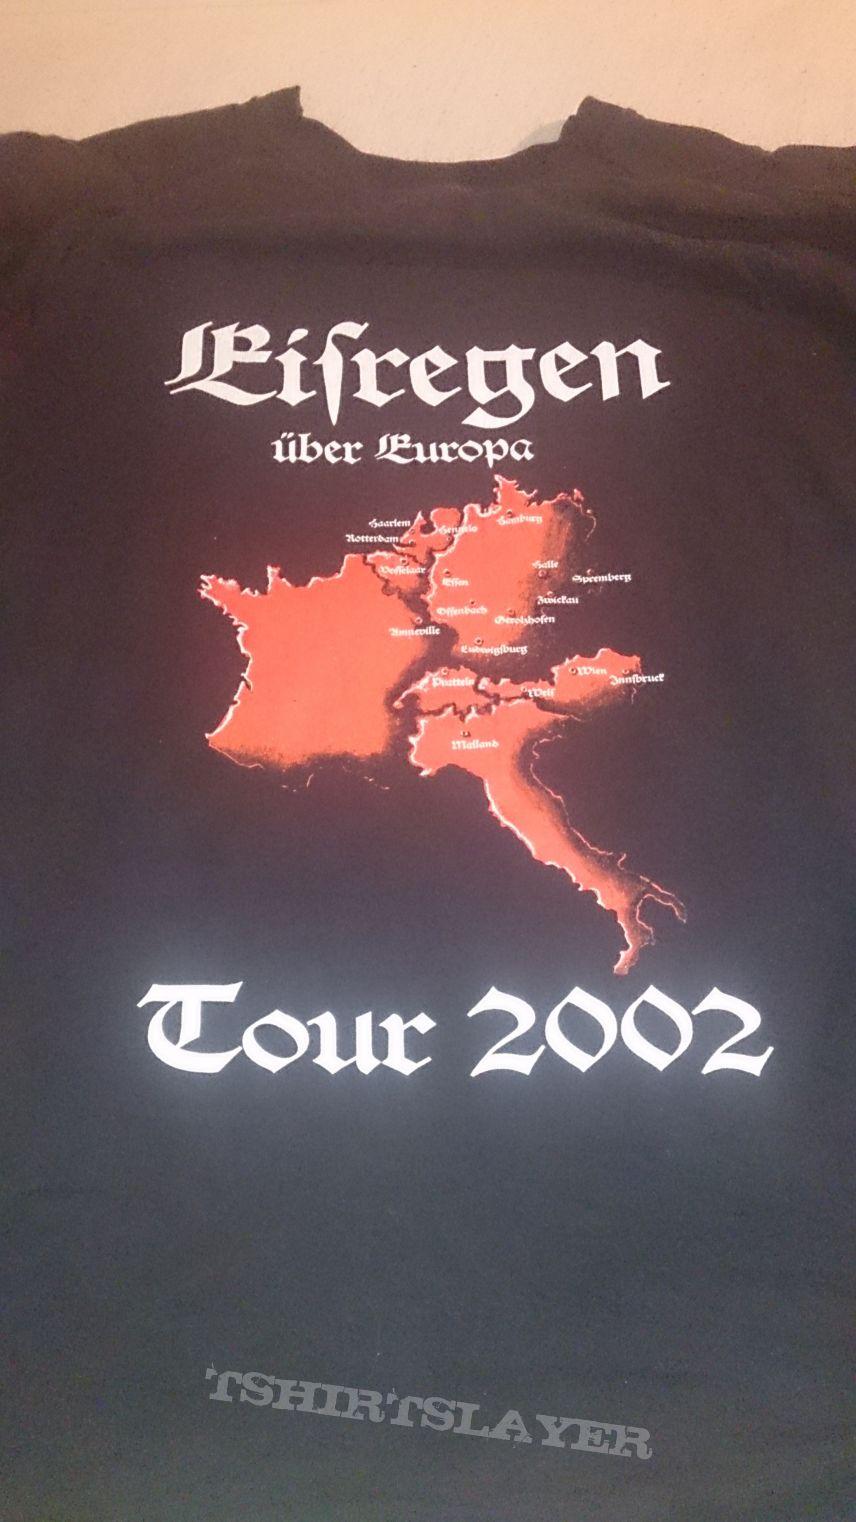 Eisregen tour